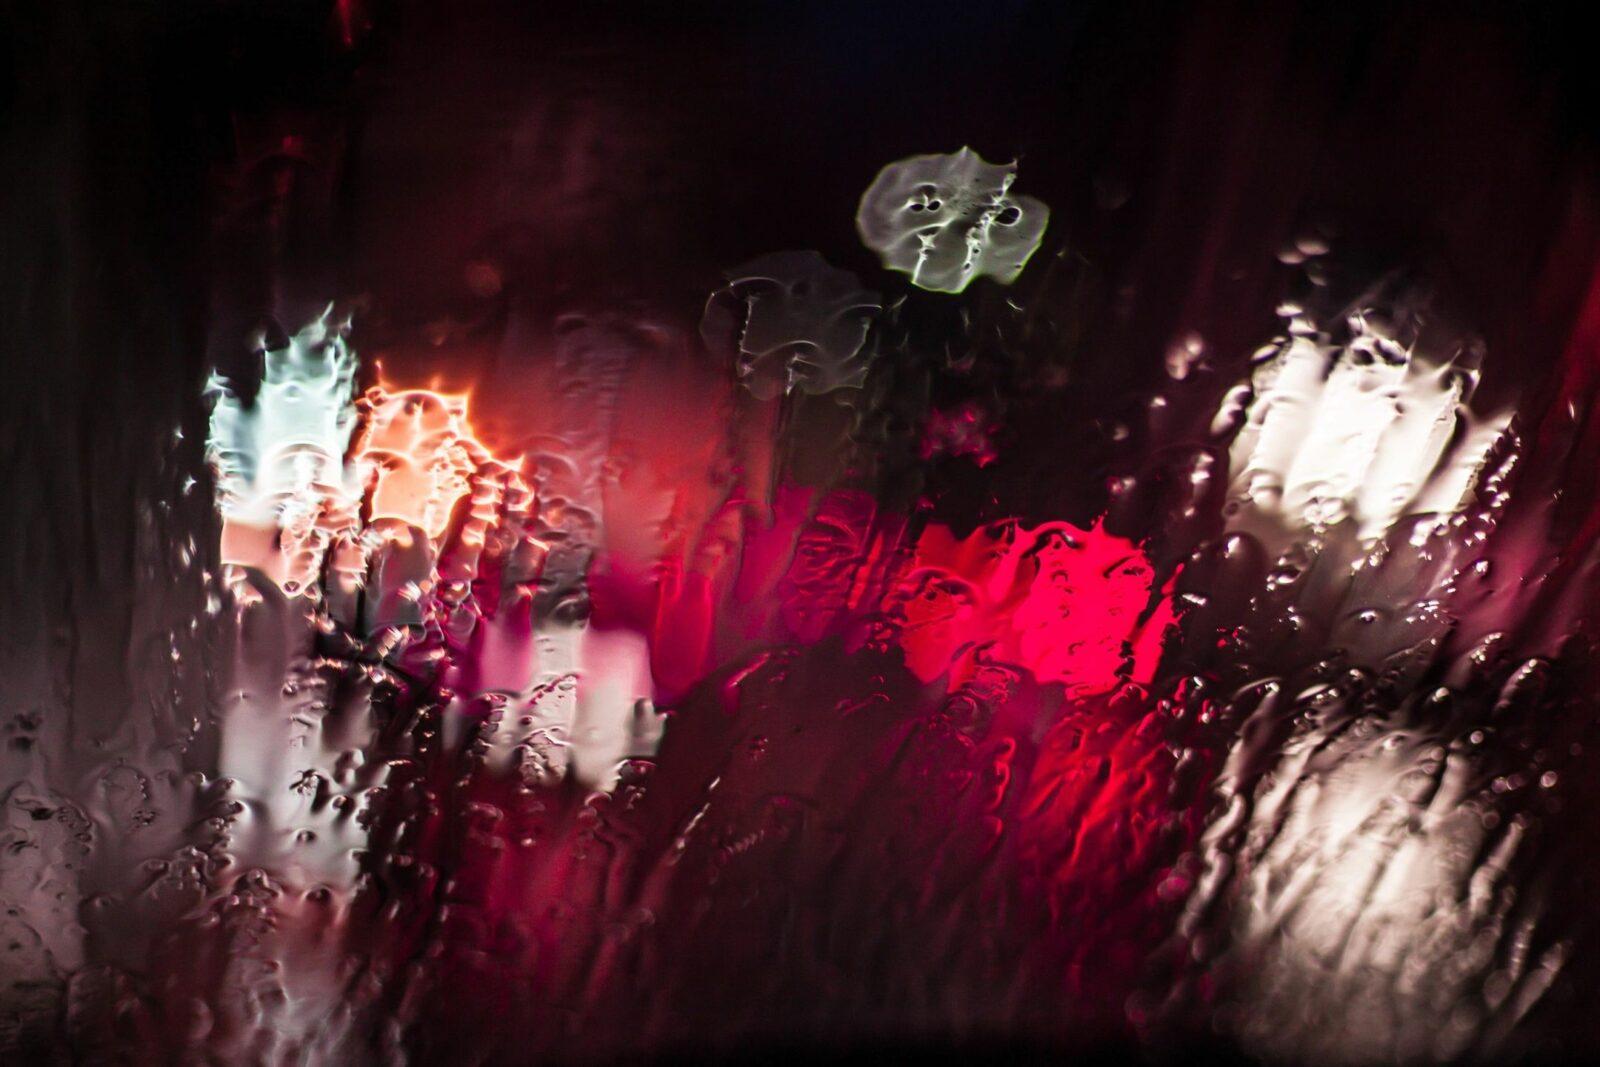 luces borrosas a travez de un vidrio con lluvia